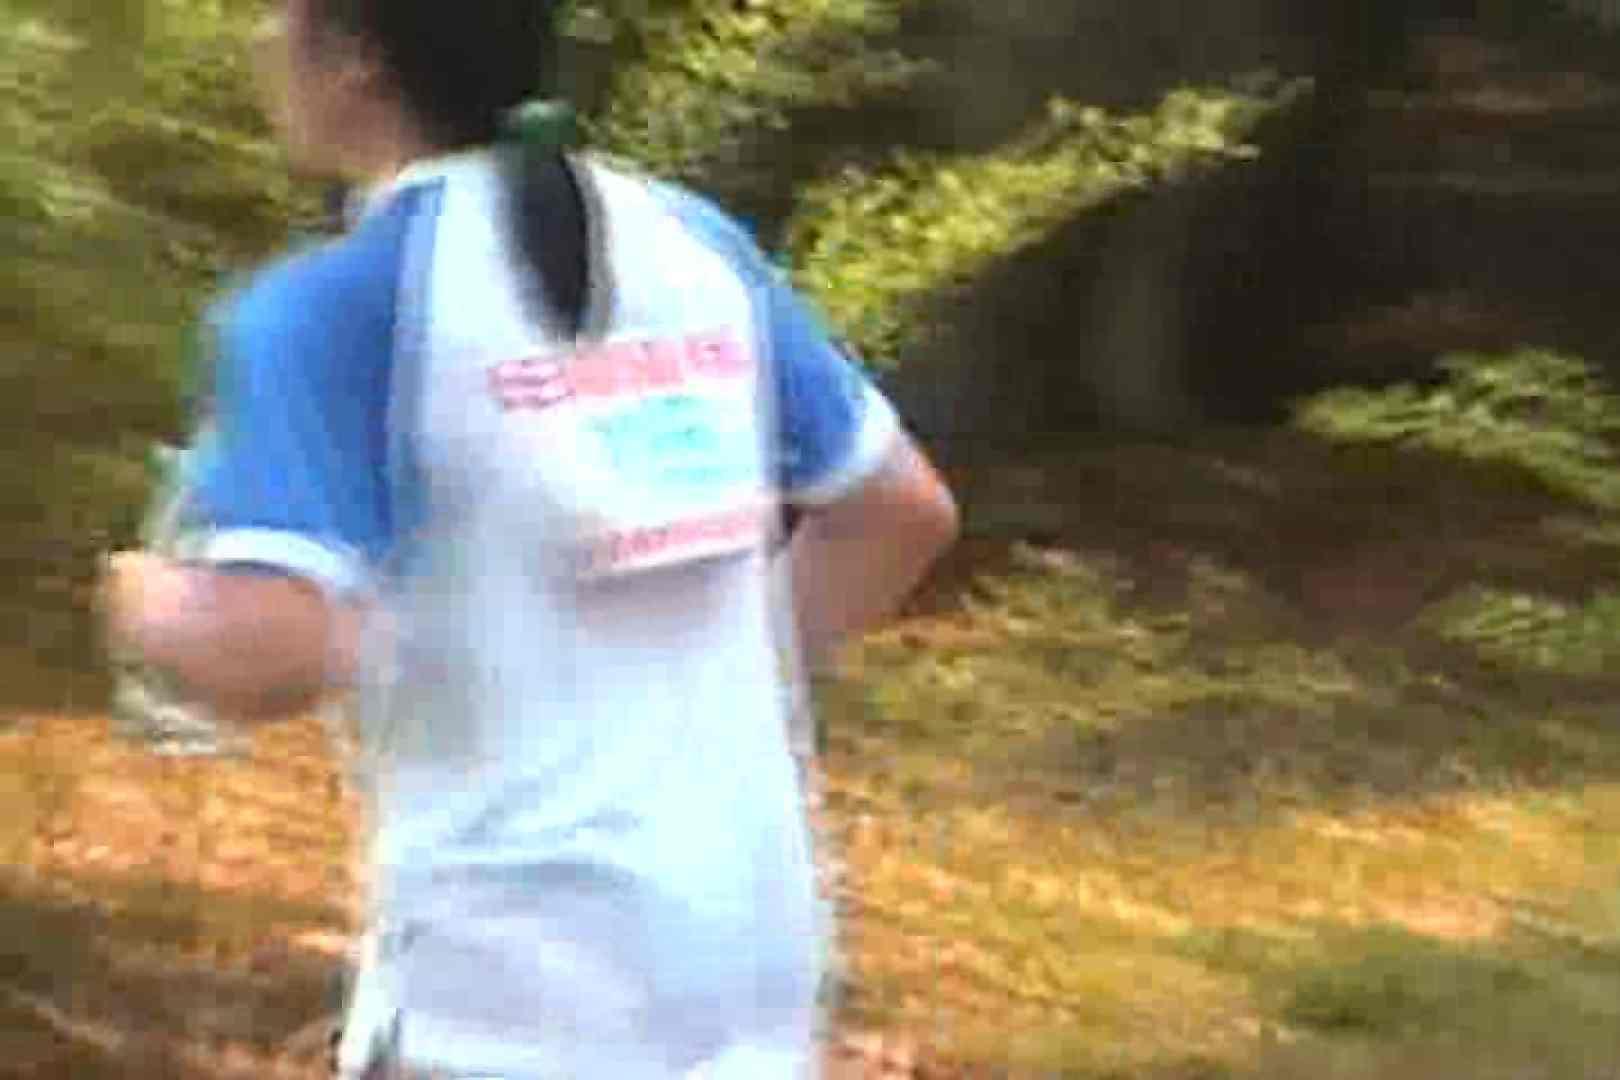 鉄人レース!!トライアスロンに挑む女性達!!Vol.4 乳首 | 貧乳  76PIX 22